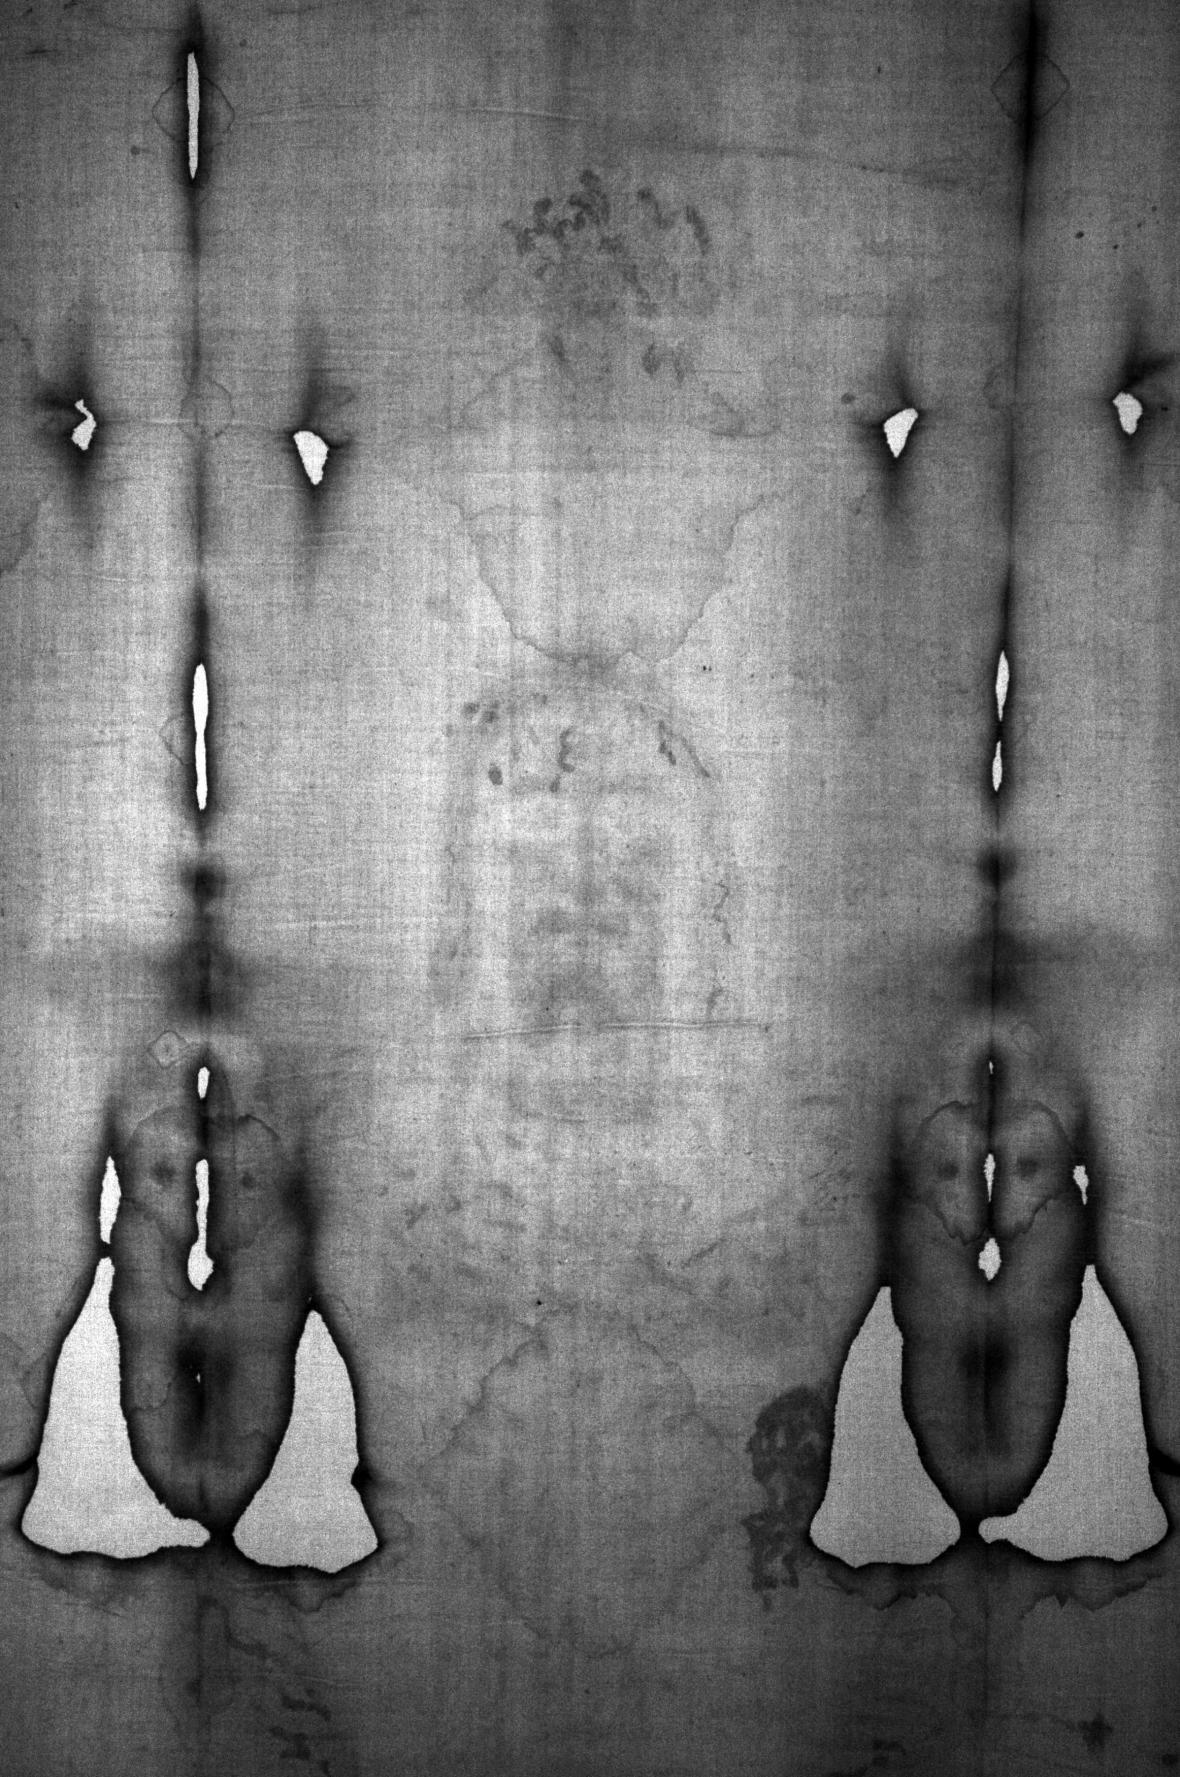 Turínské plátno s údajným otiskem Kristovy tváře